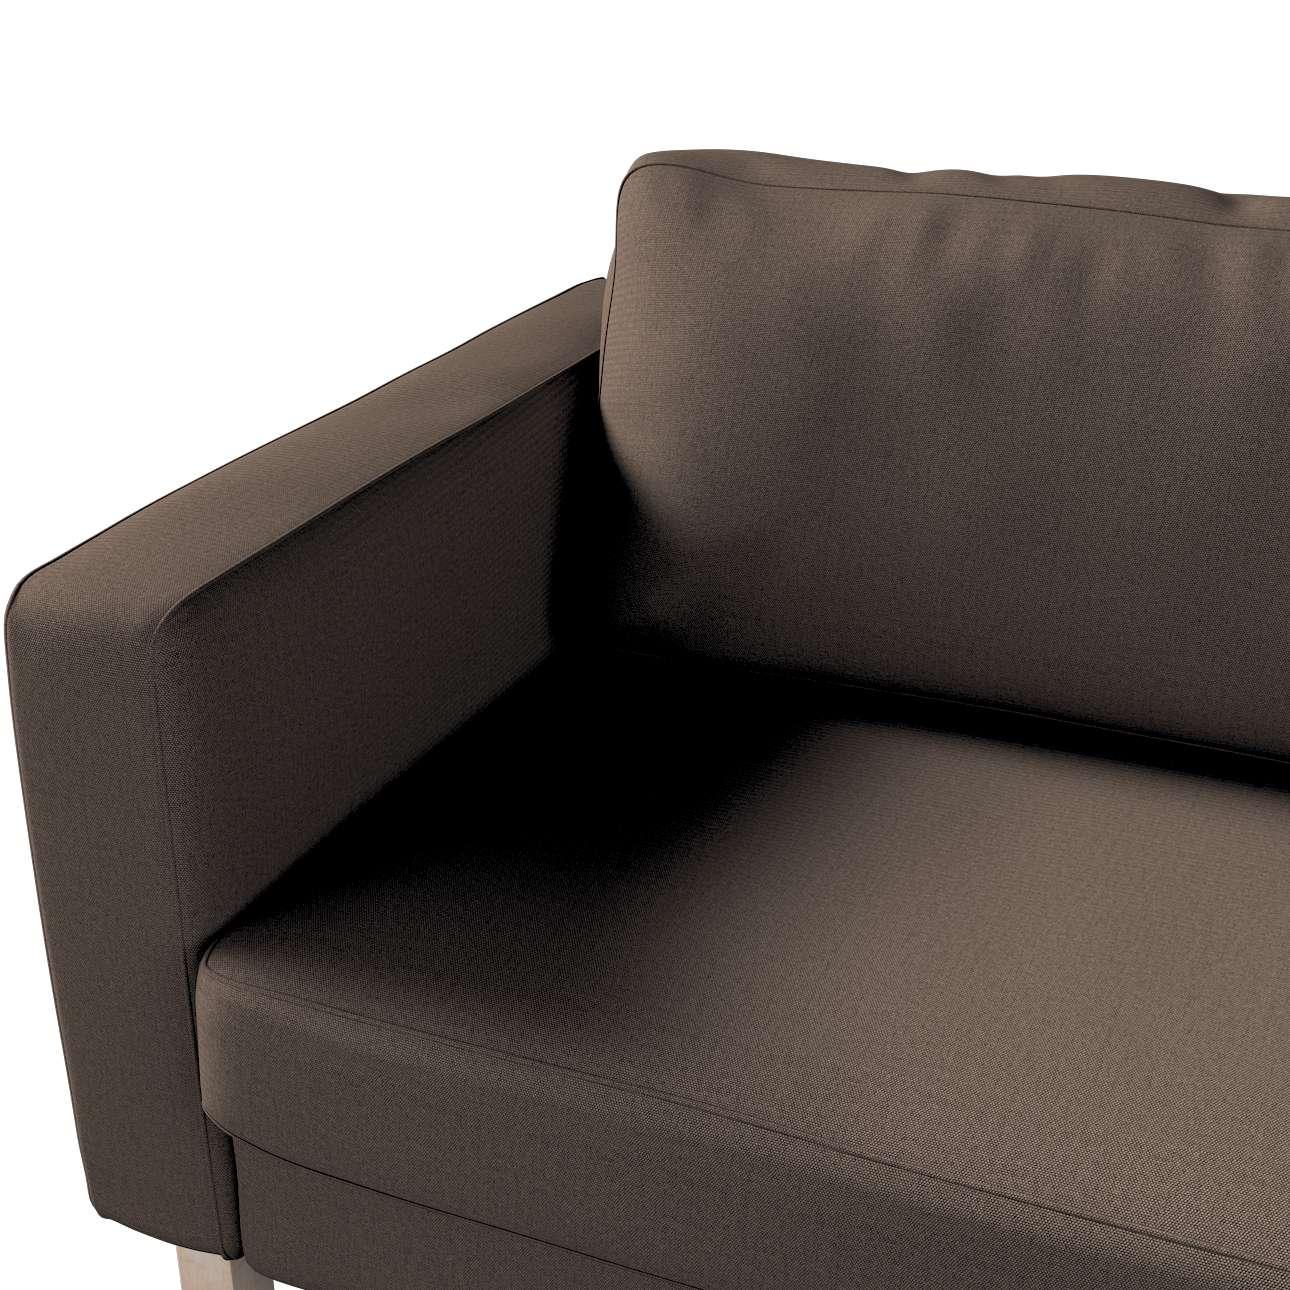 Pokrowiec na sofę Karlstad 3-osobową nierozkładaną, krótki w kolekcji Etna, tkanina: 705-08